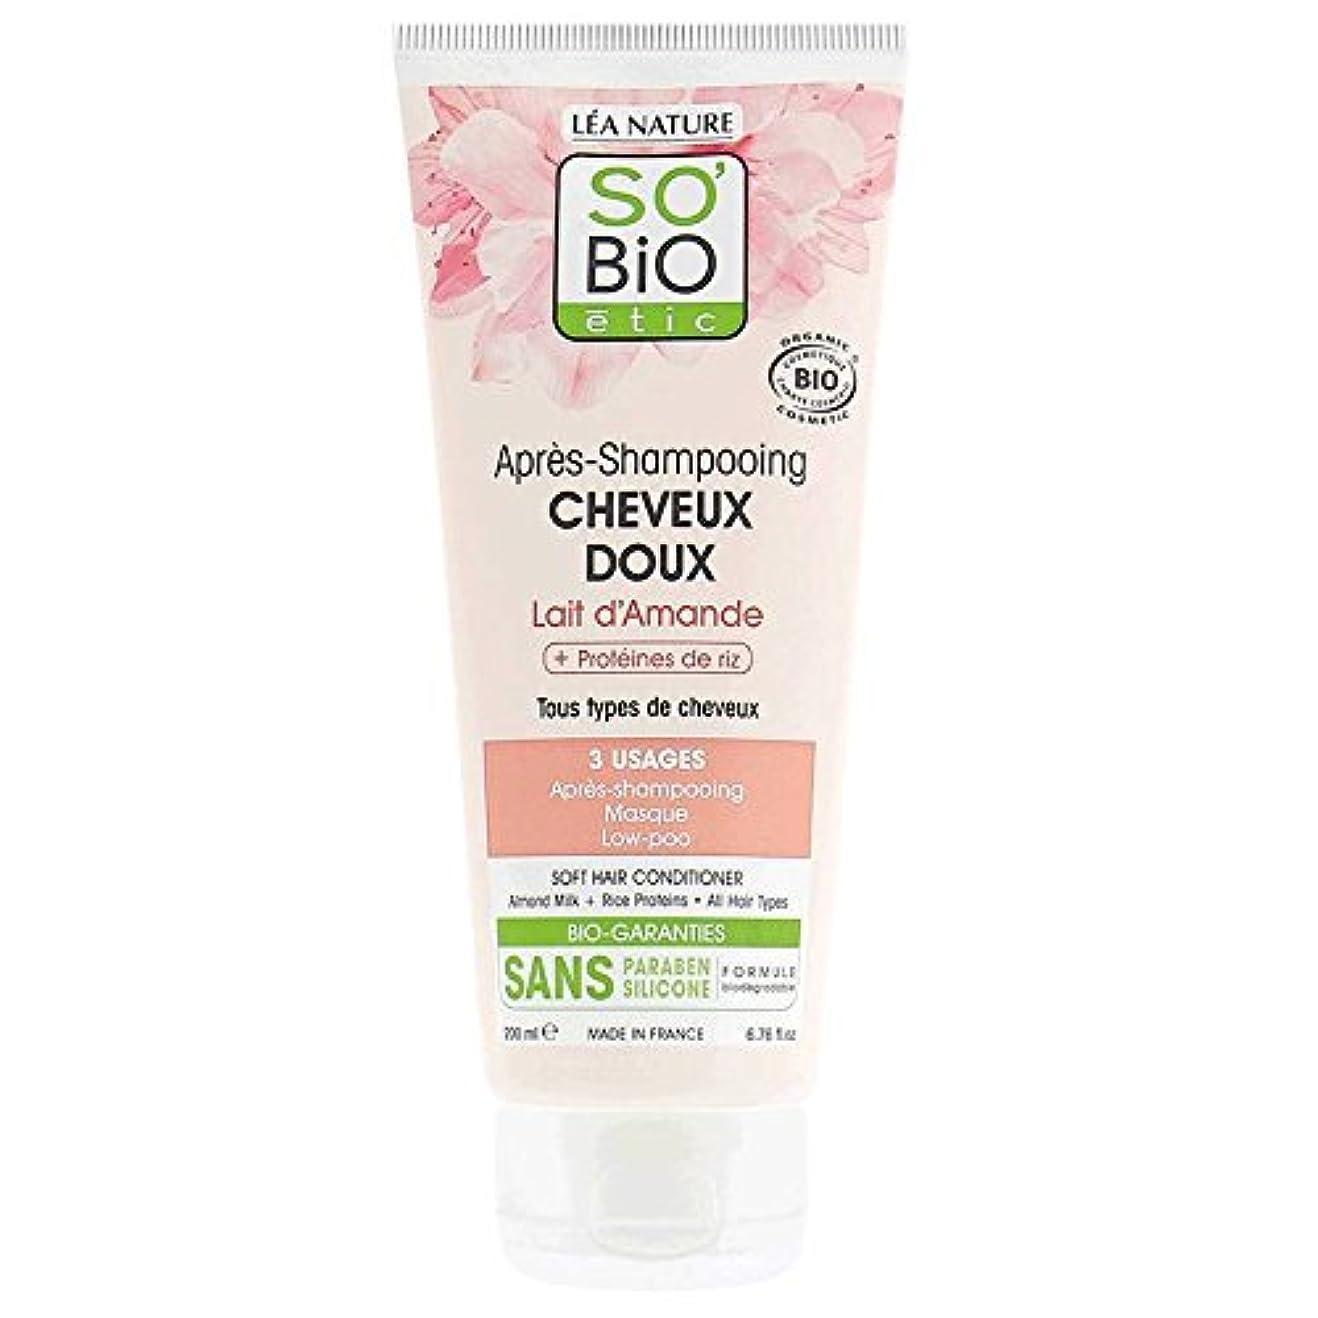 予防接種するルビー疲労SO 'BIO ETIC - アーモンドミルク&ライスプロテイン入りコンディショナー - すべての髪のタイプに適しています - 保湿 - 髪の扱いやすさを改善します - パラベン&シリコンから無料 - 200 ml